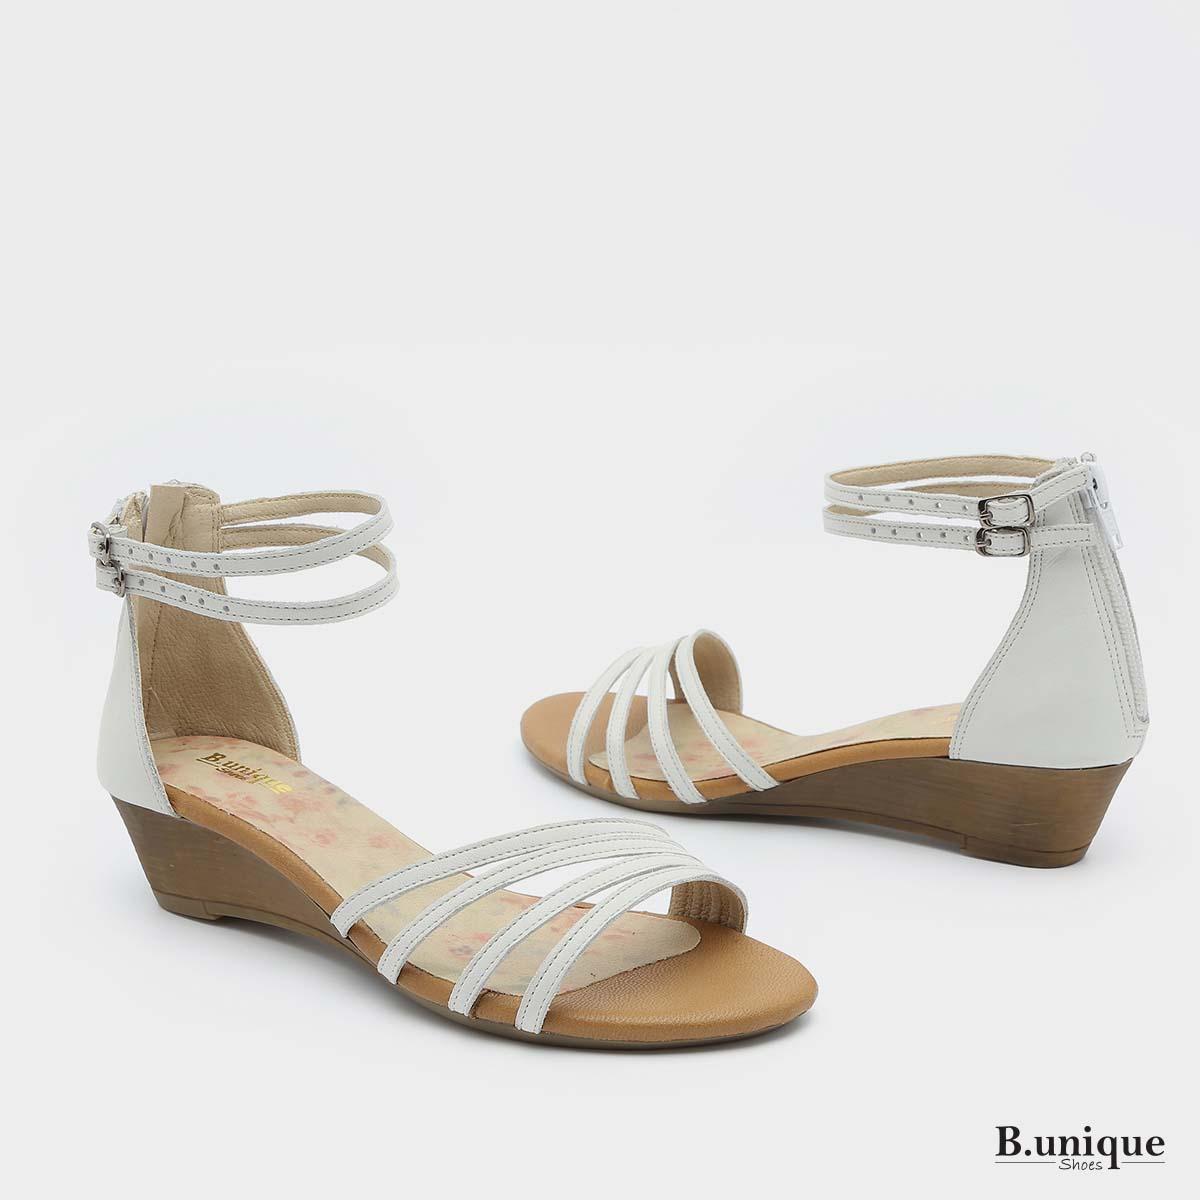 דגם טורונטו: סנדלים בצבע לבן - B.unique